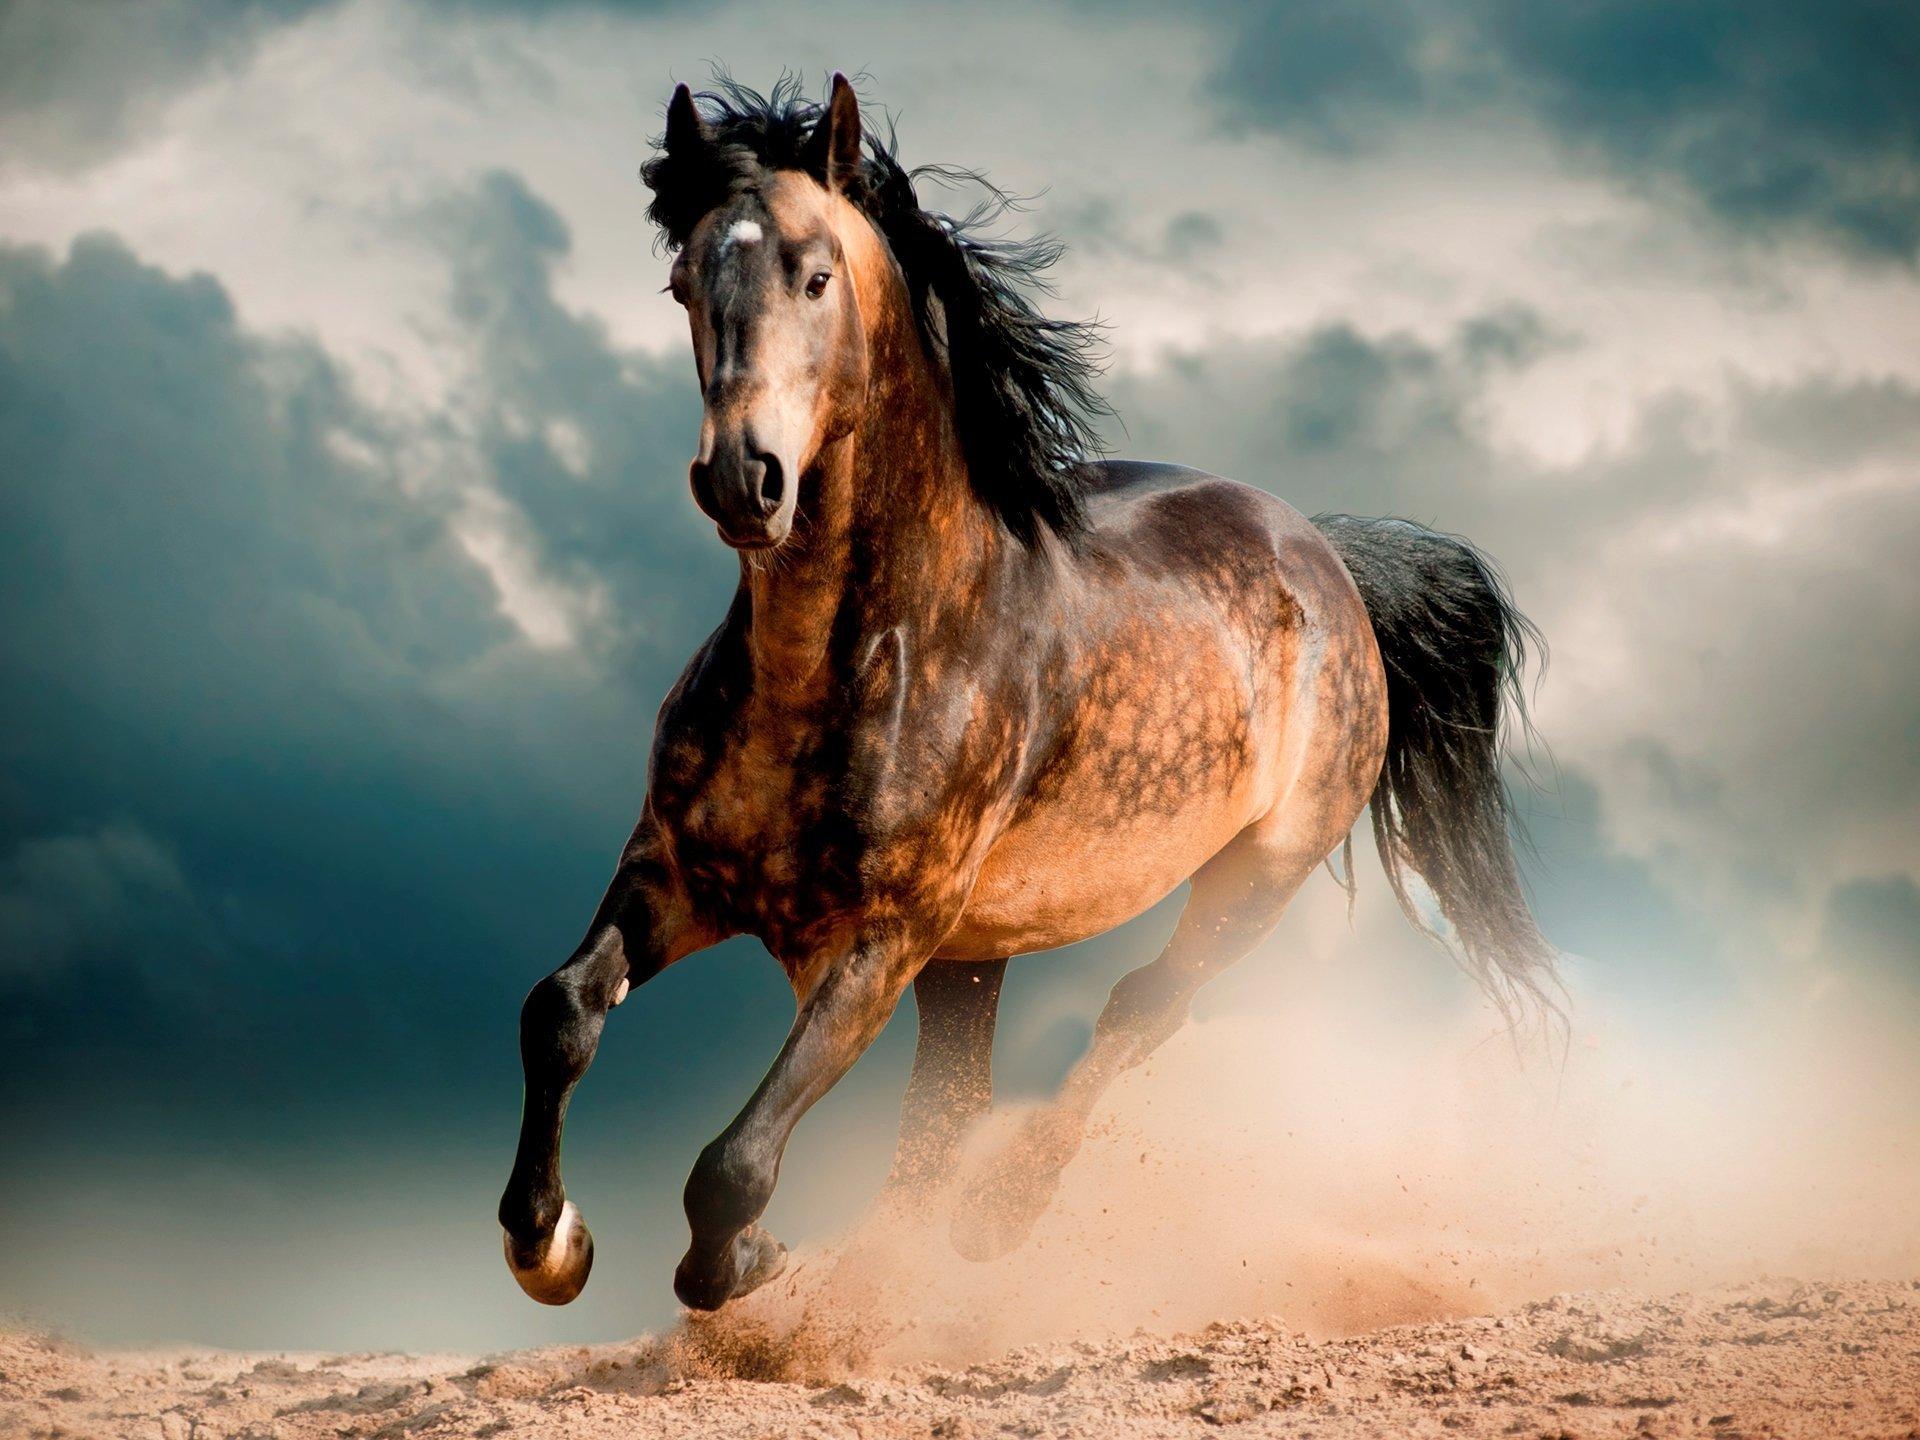 O Cavalo Viver Natural